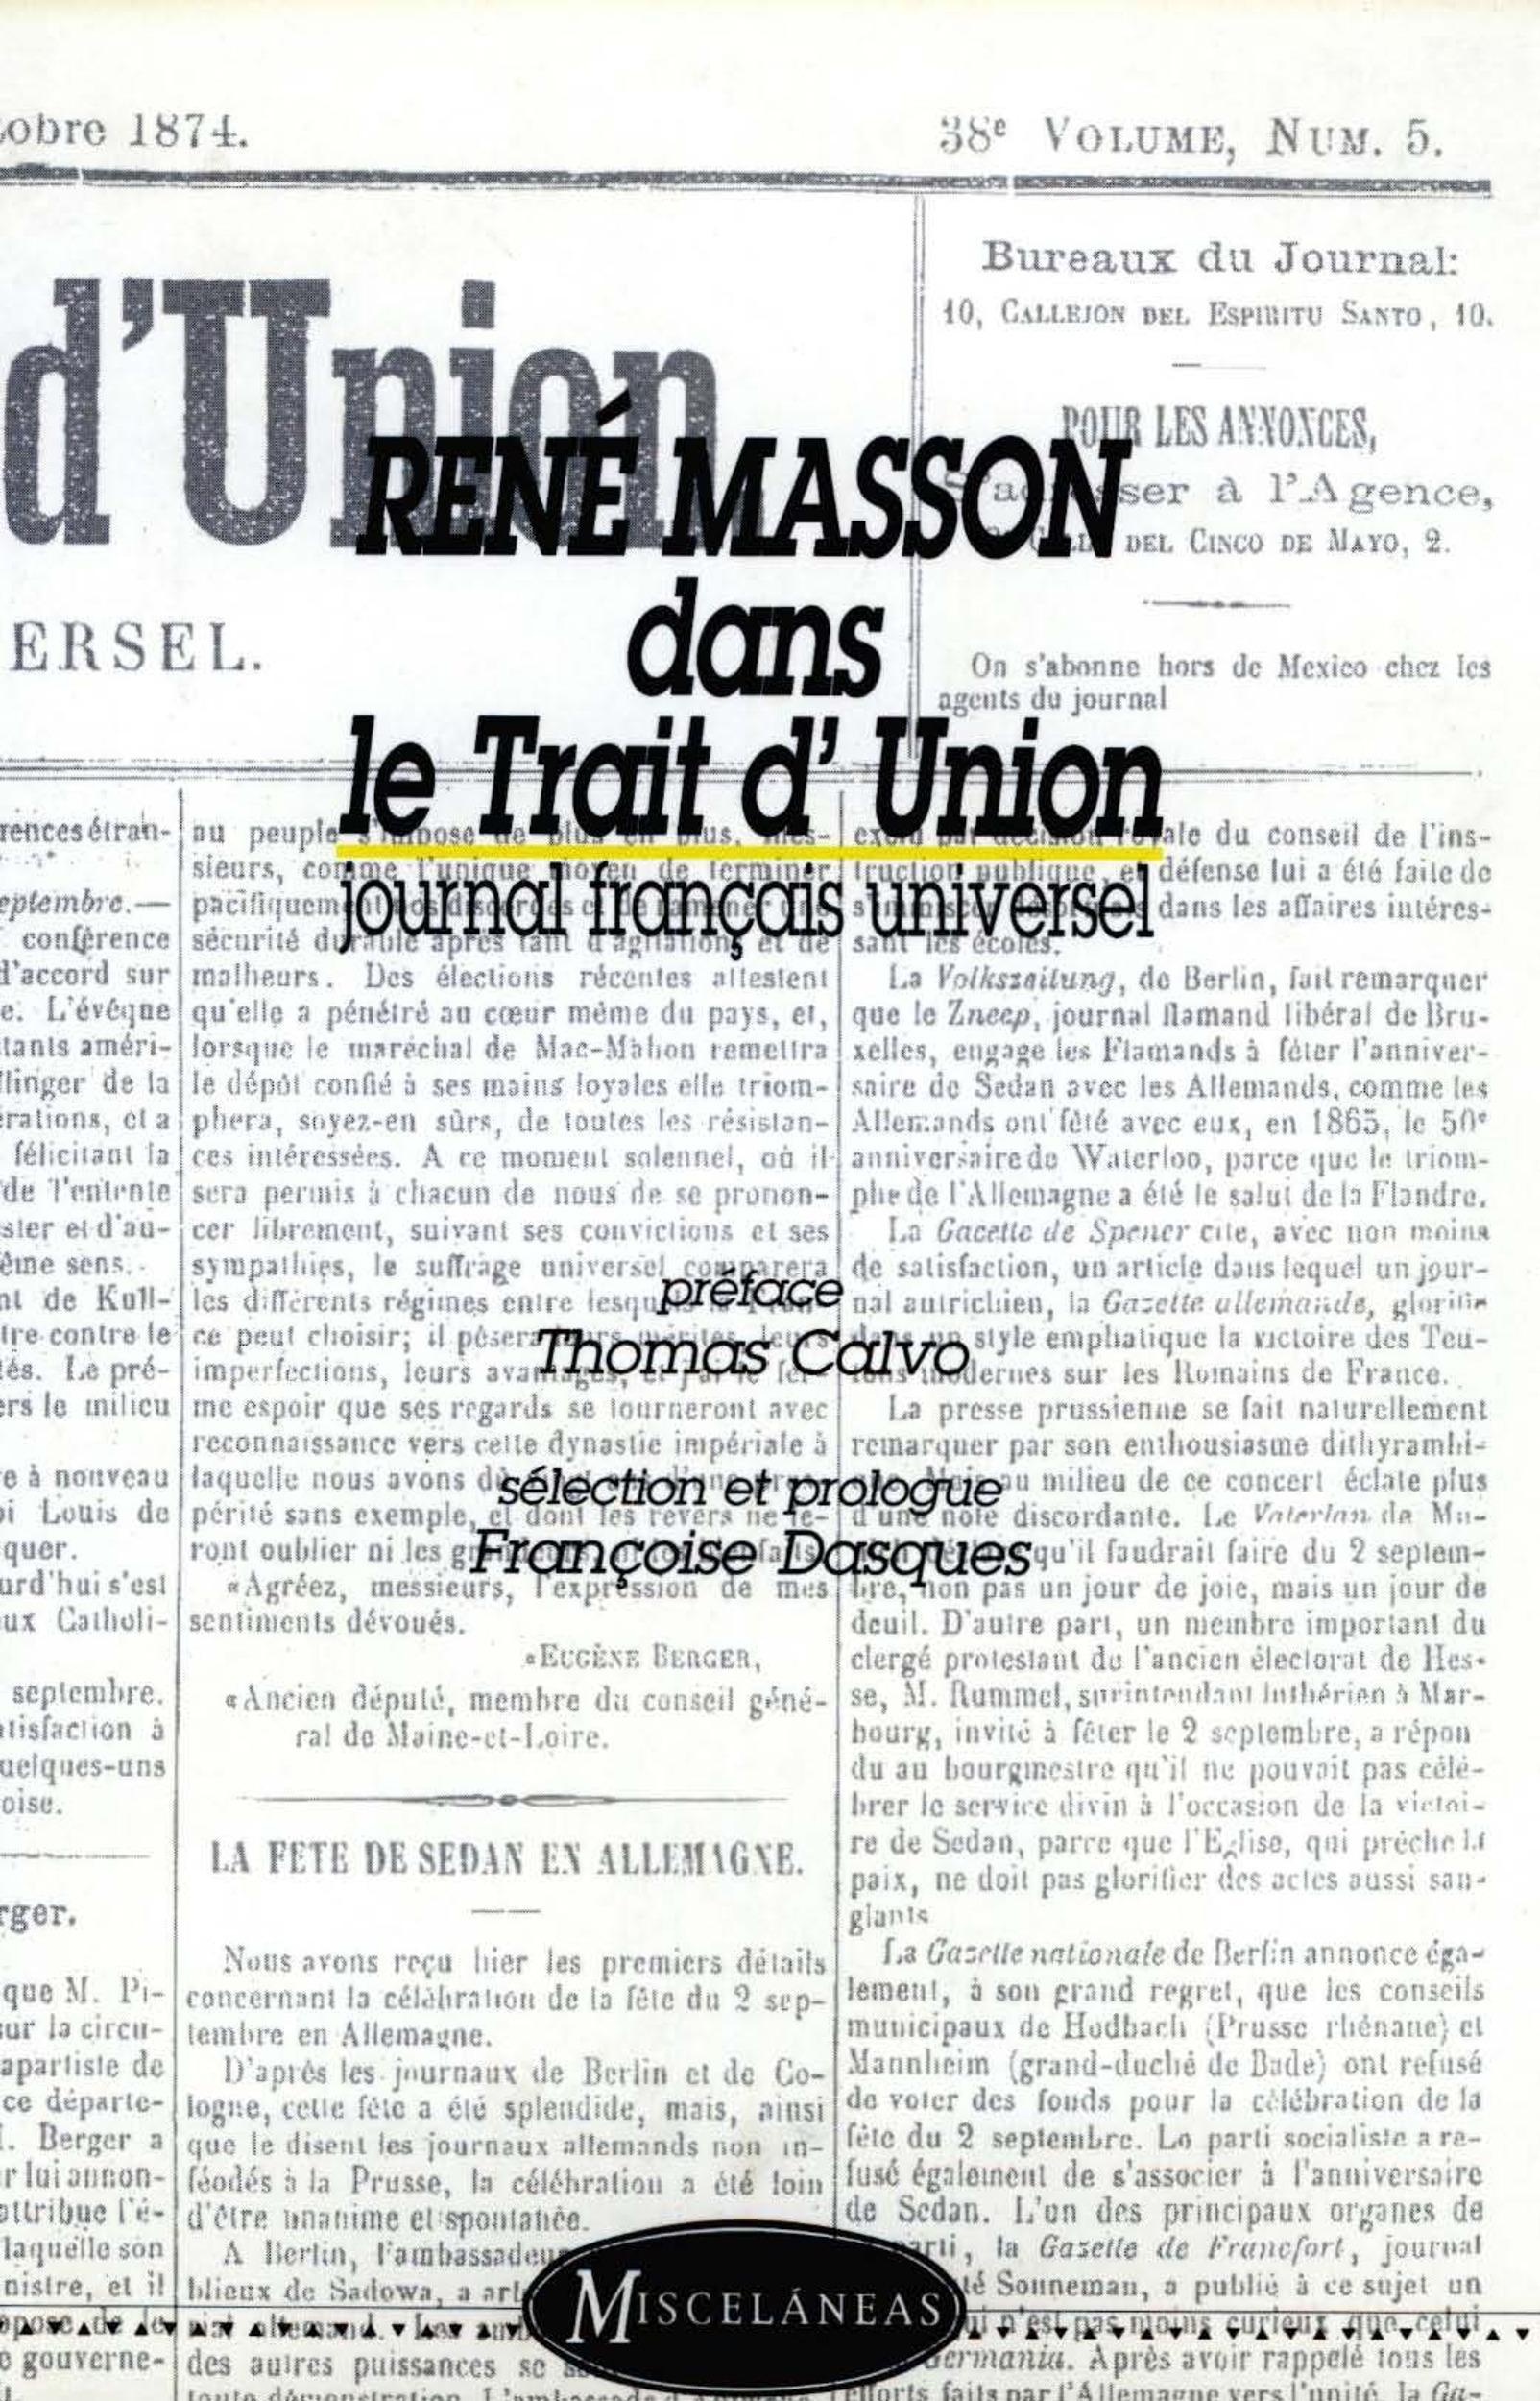 René Masson dans le Trait d'Union, journal français universel